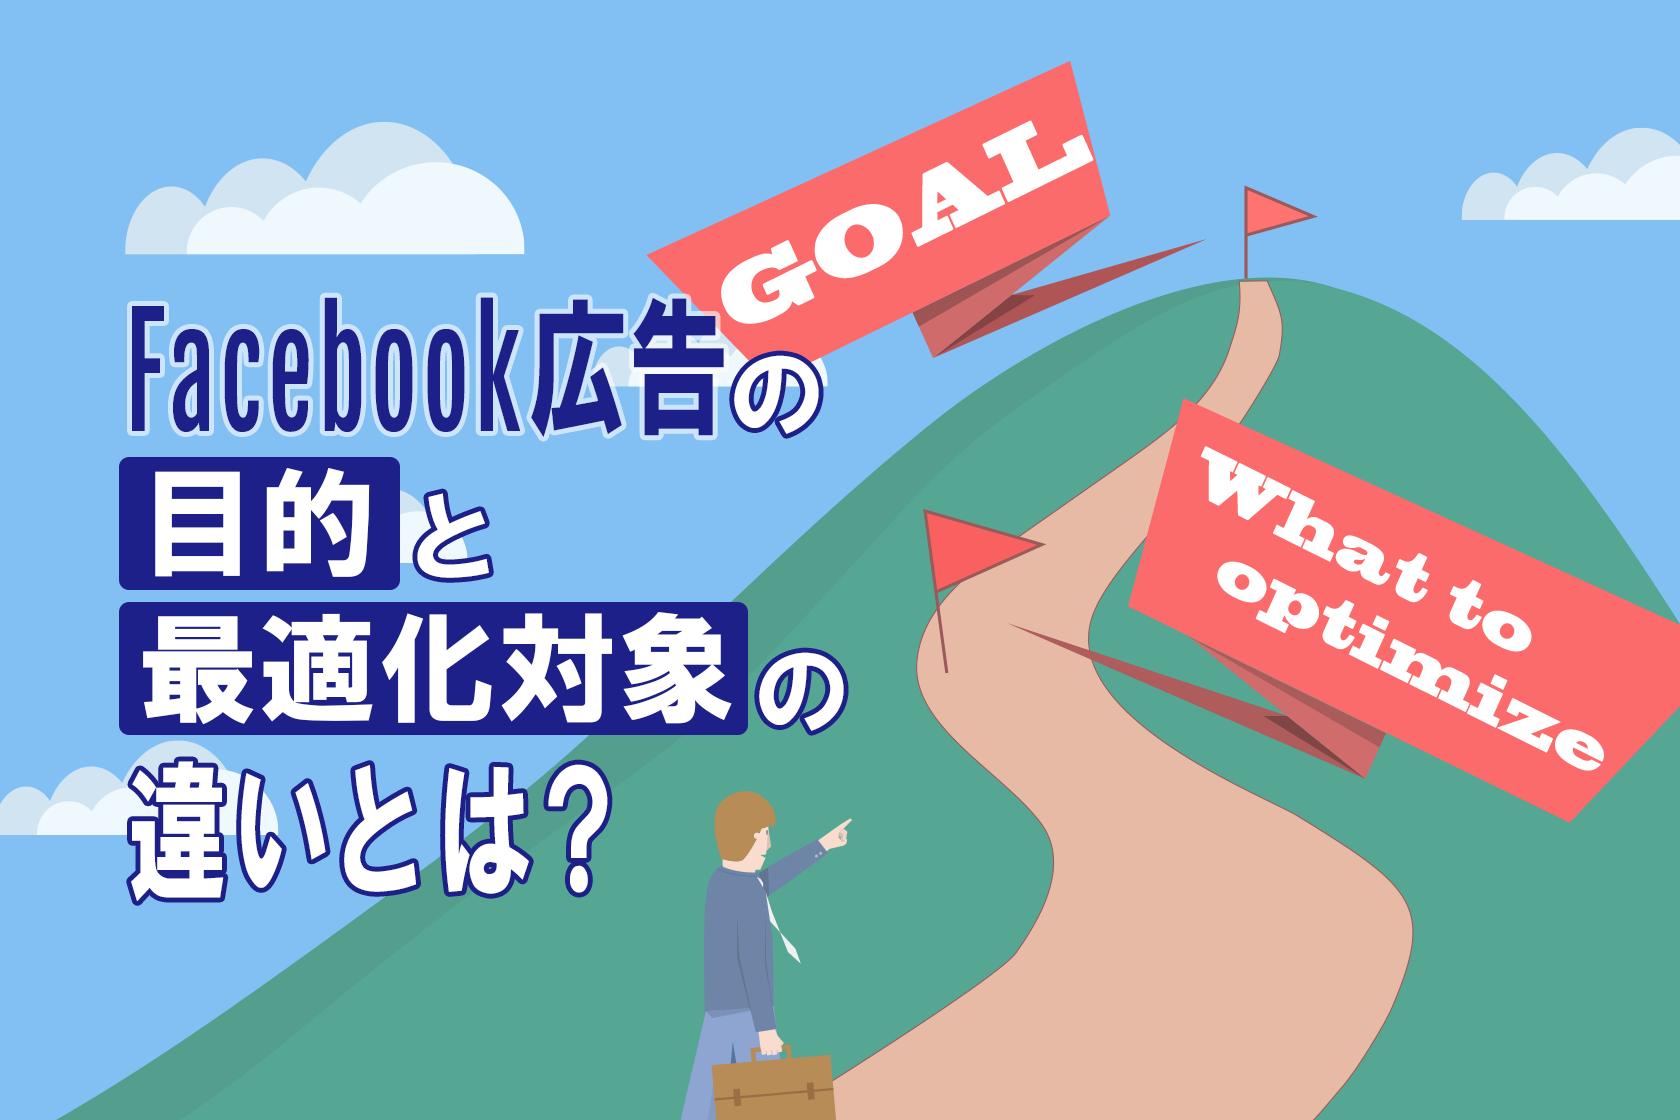 Facebook広告の「目的」と「最適化対象」の違いとは?